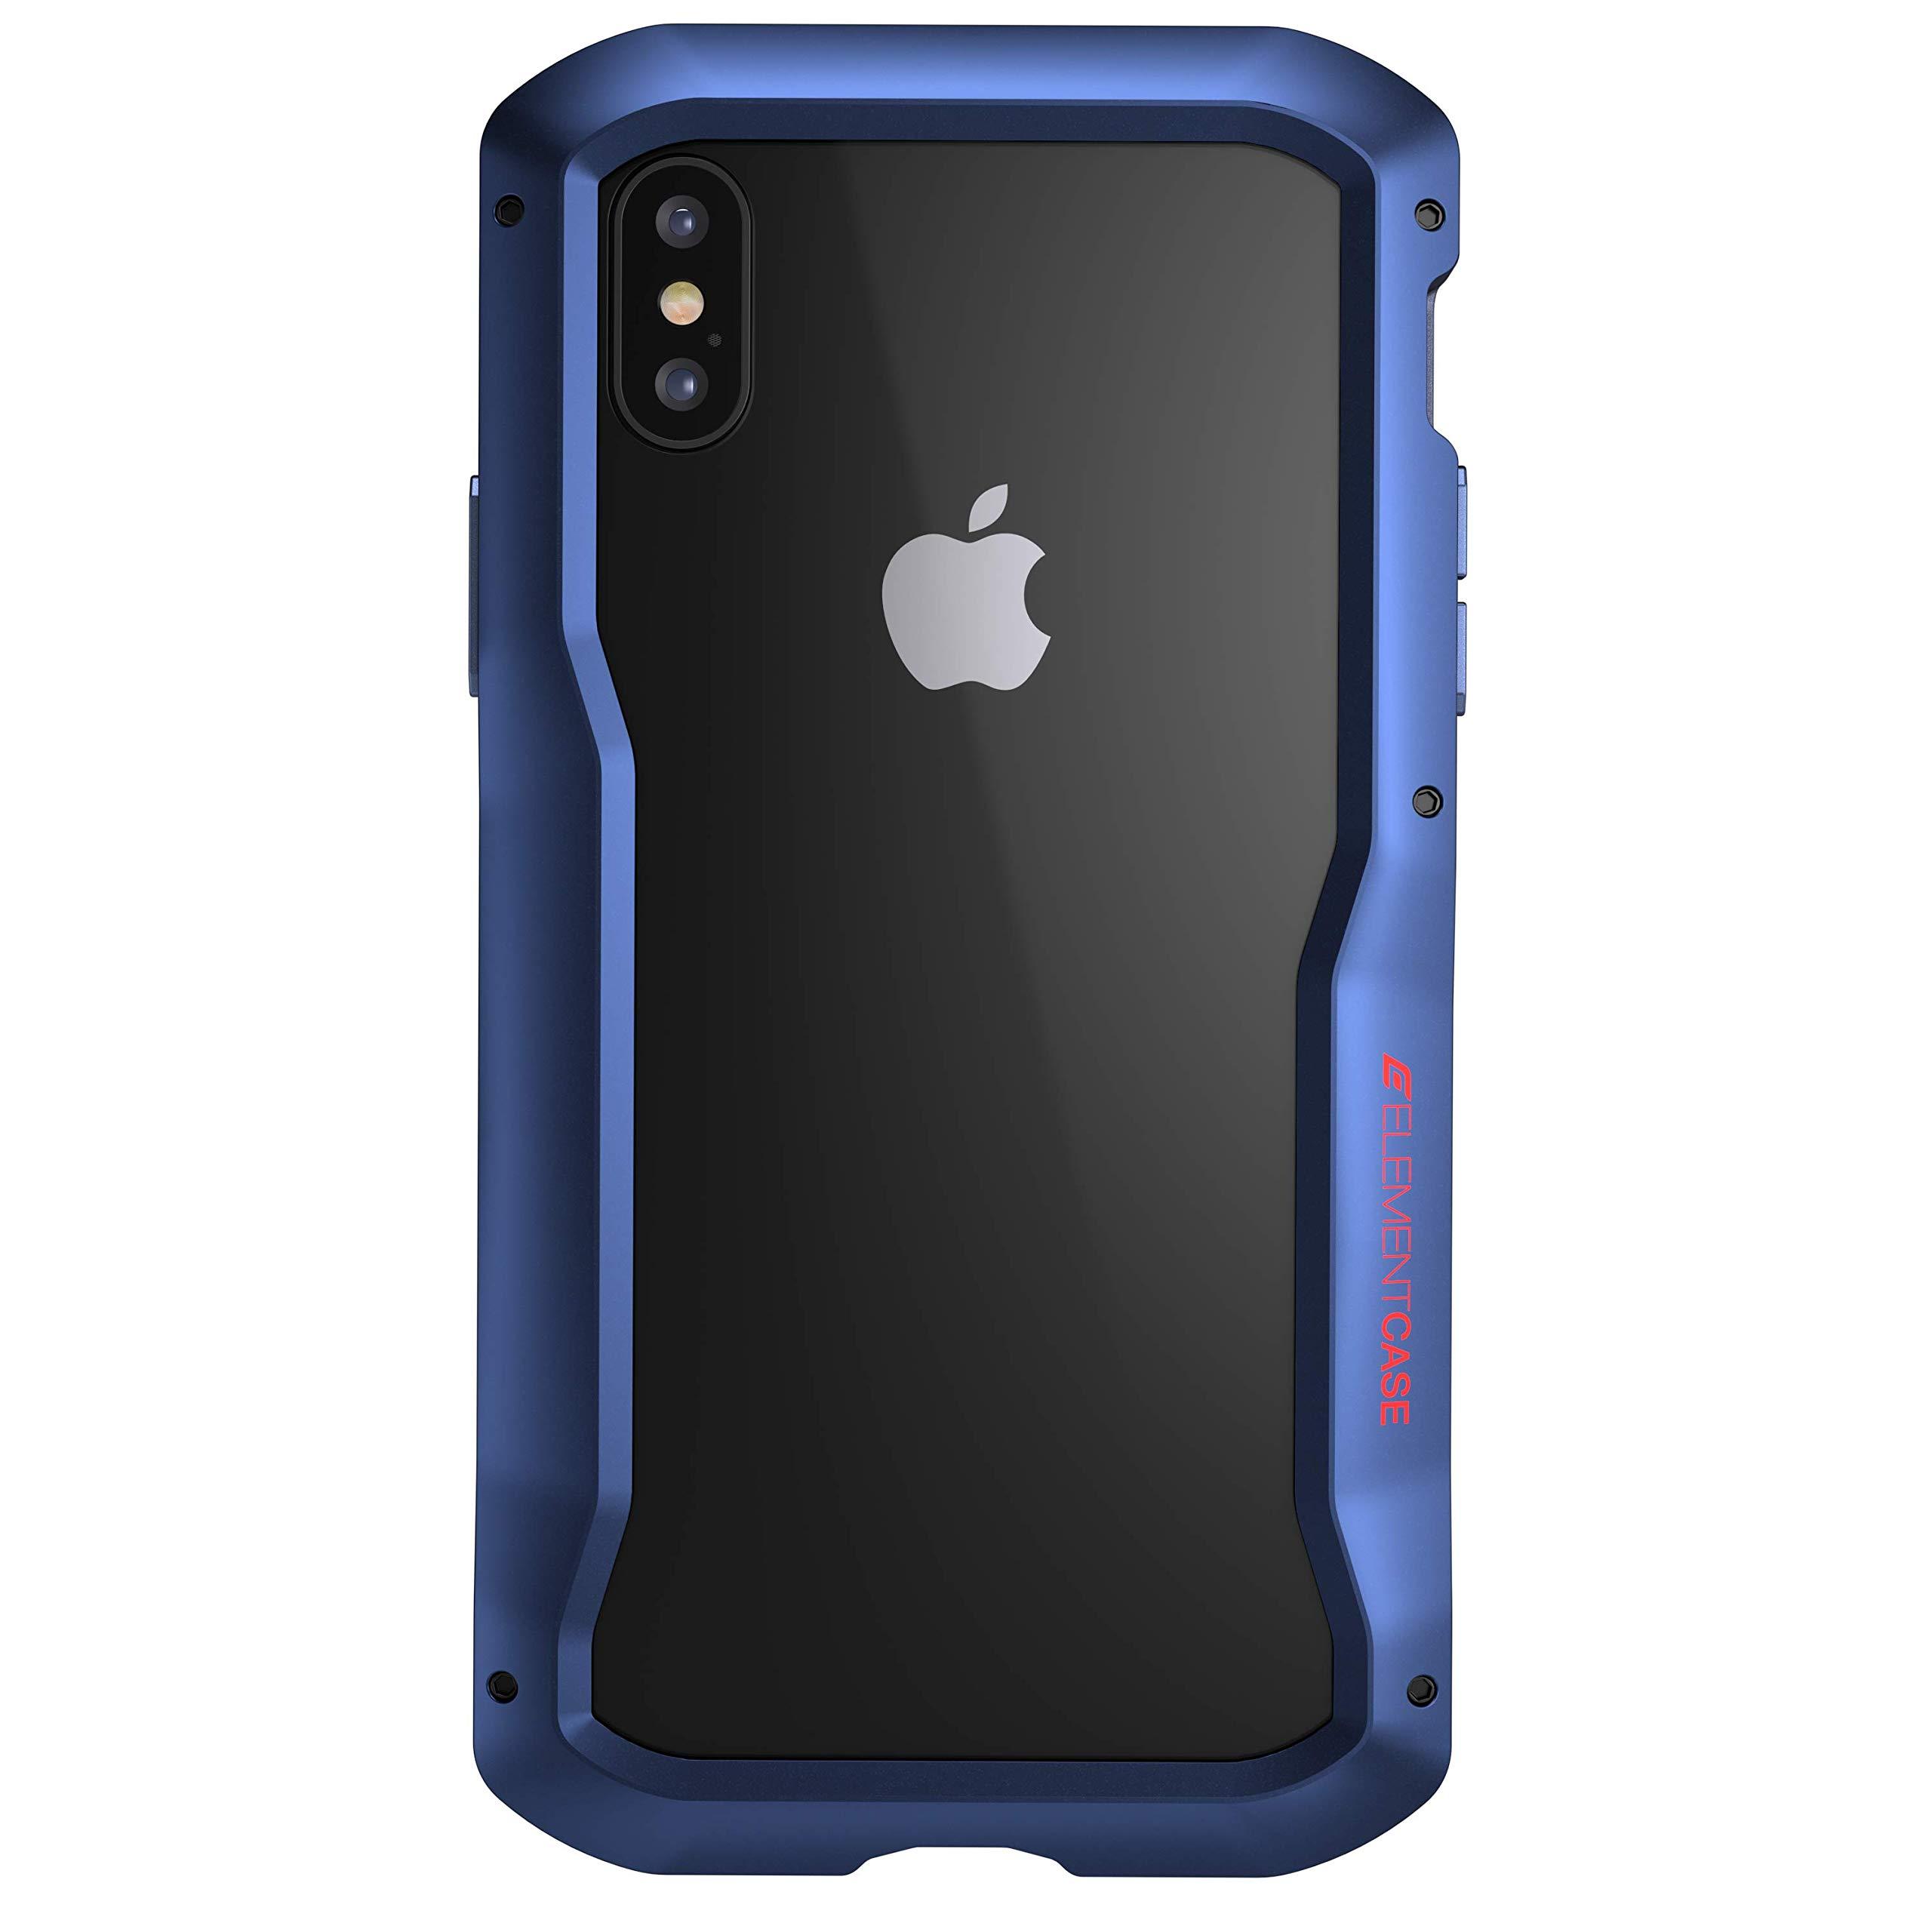 Element Case Vapor Drop Tested case for iPhone Xs / X Max - Blue (EMT-322-193E-02)